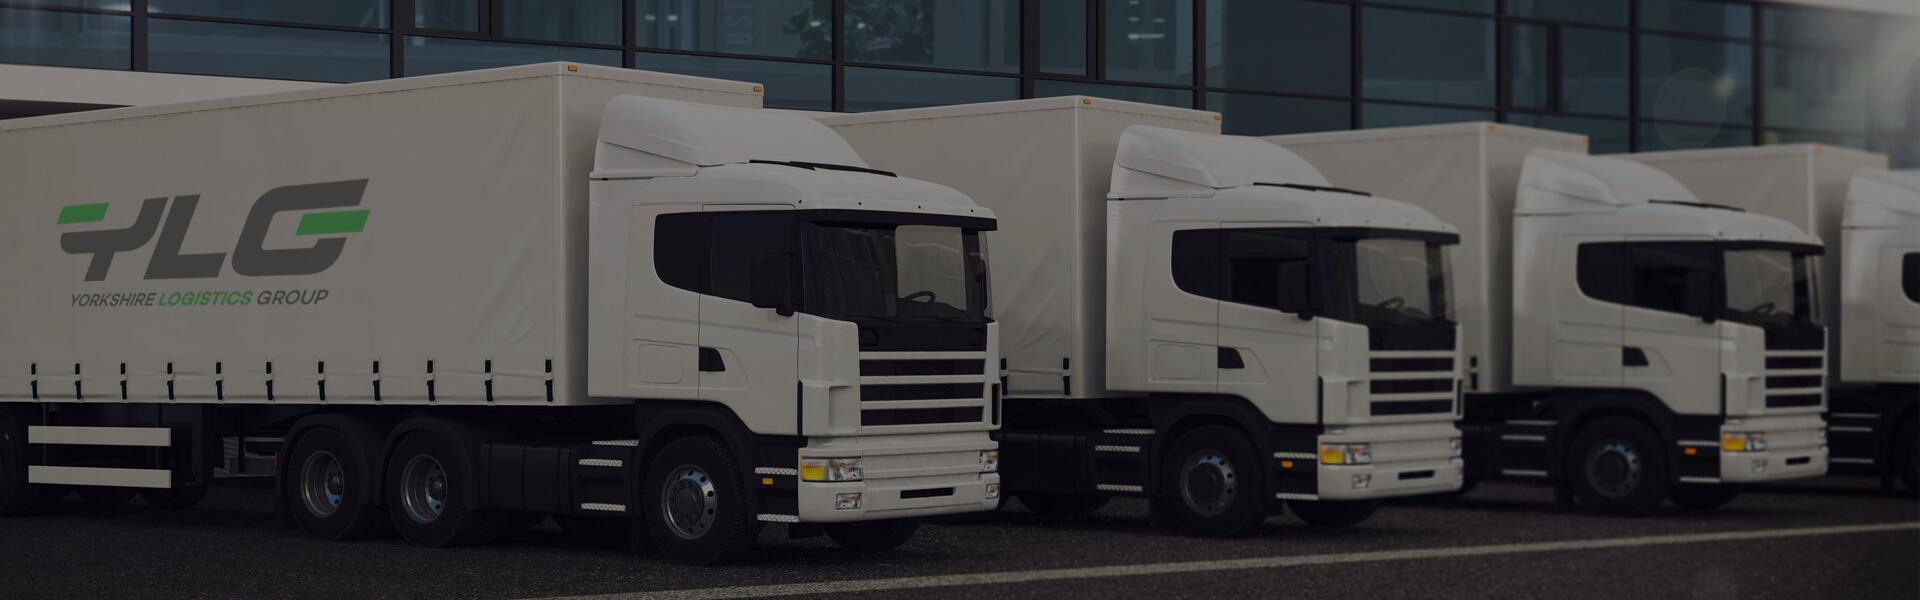 truck-fleet-2